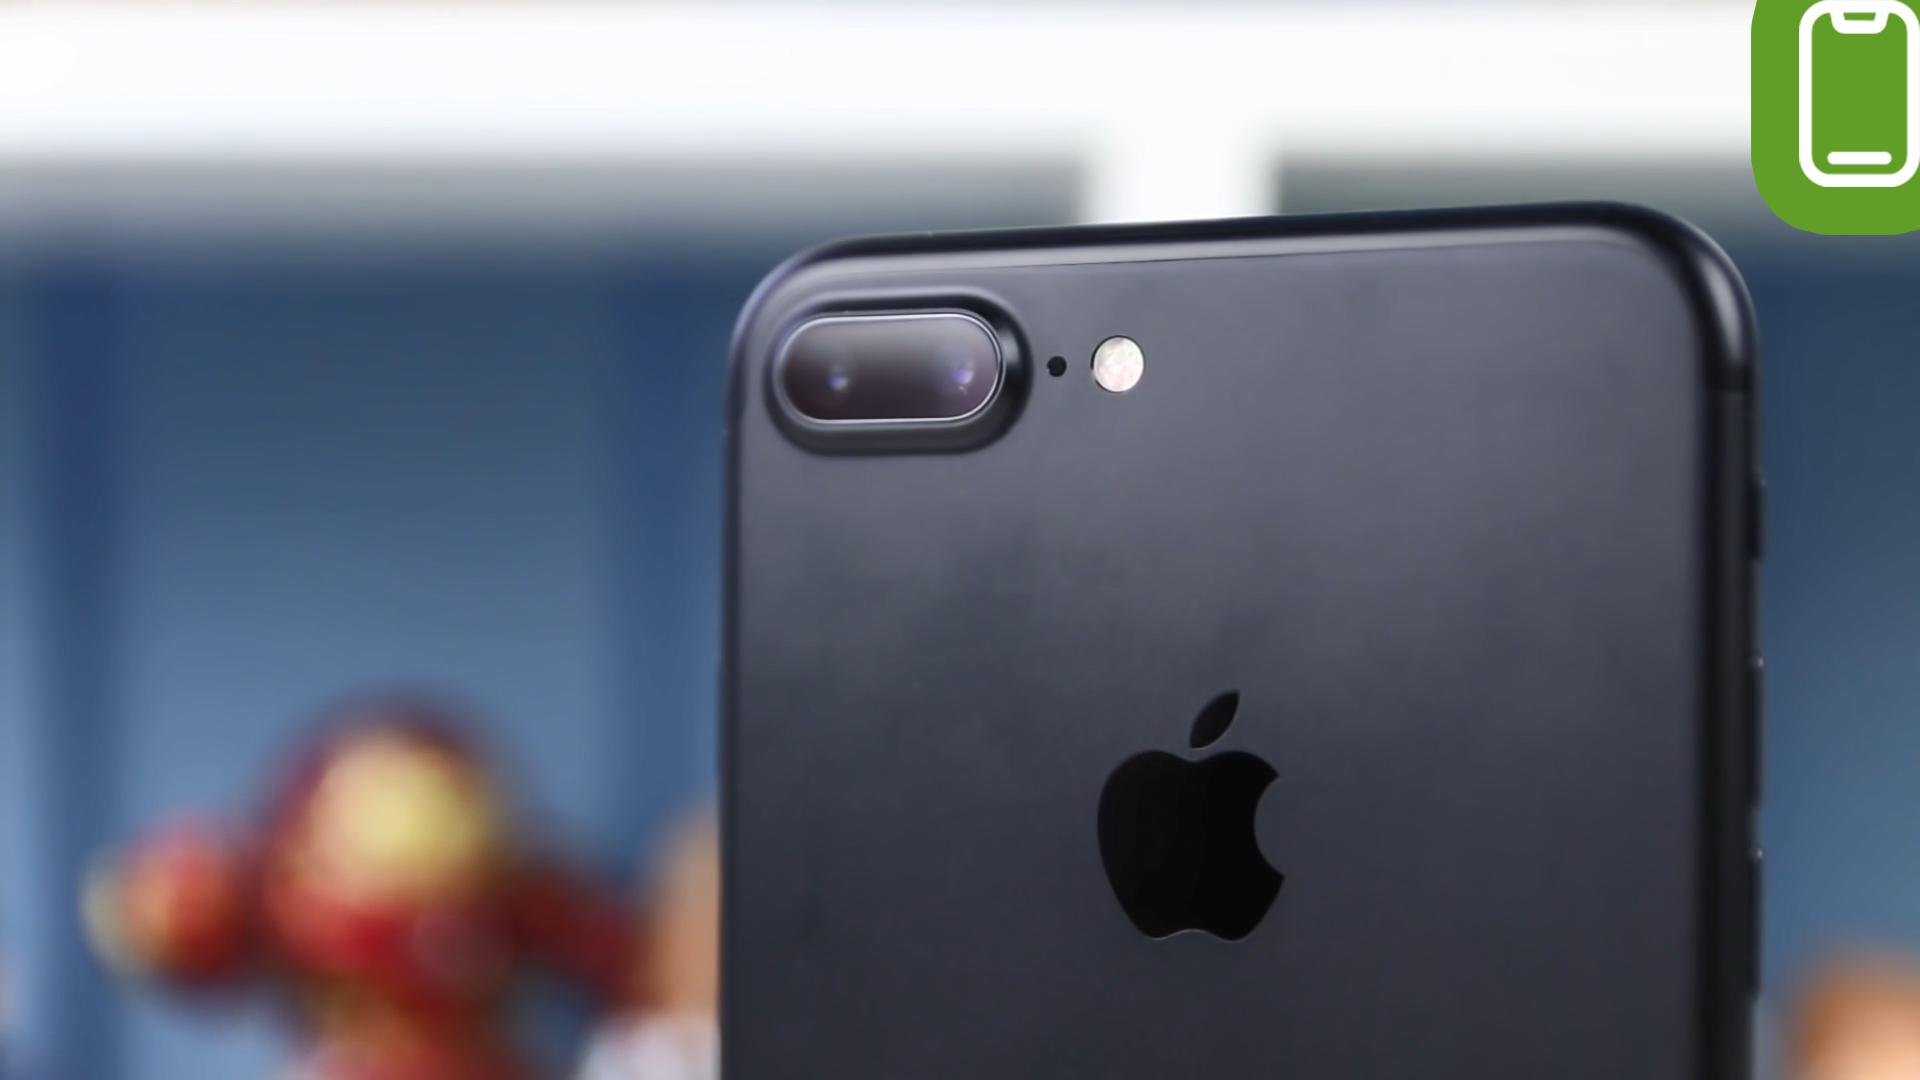 Đánh giá chi tiết iPhone 7 Plus - Ảnh 3